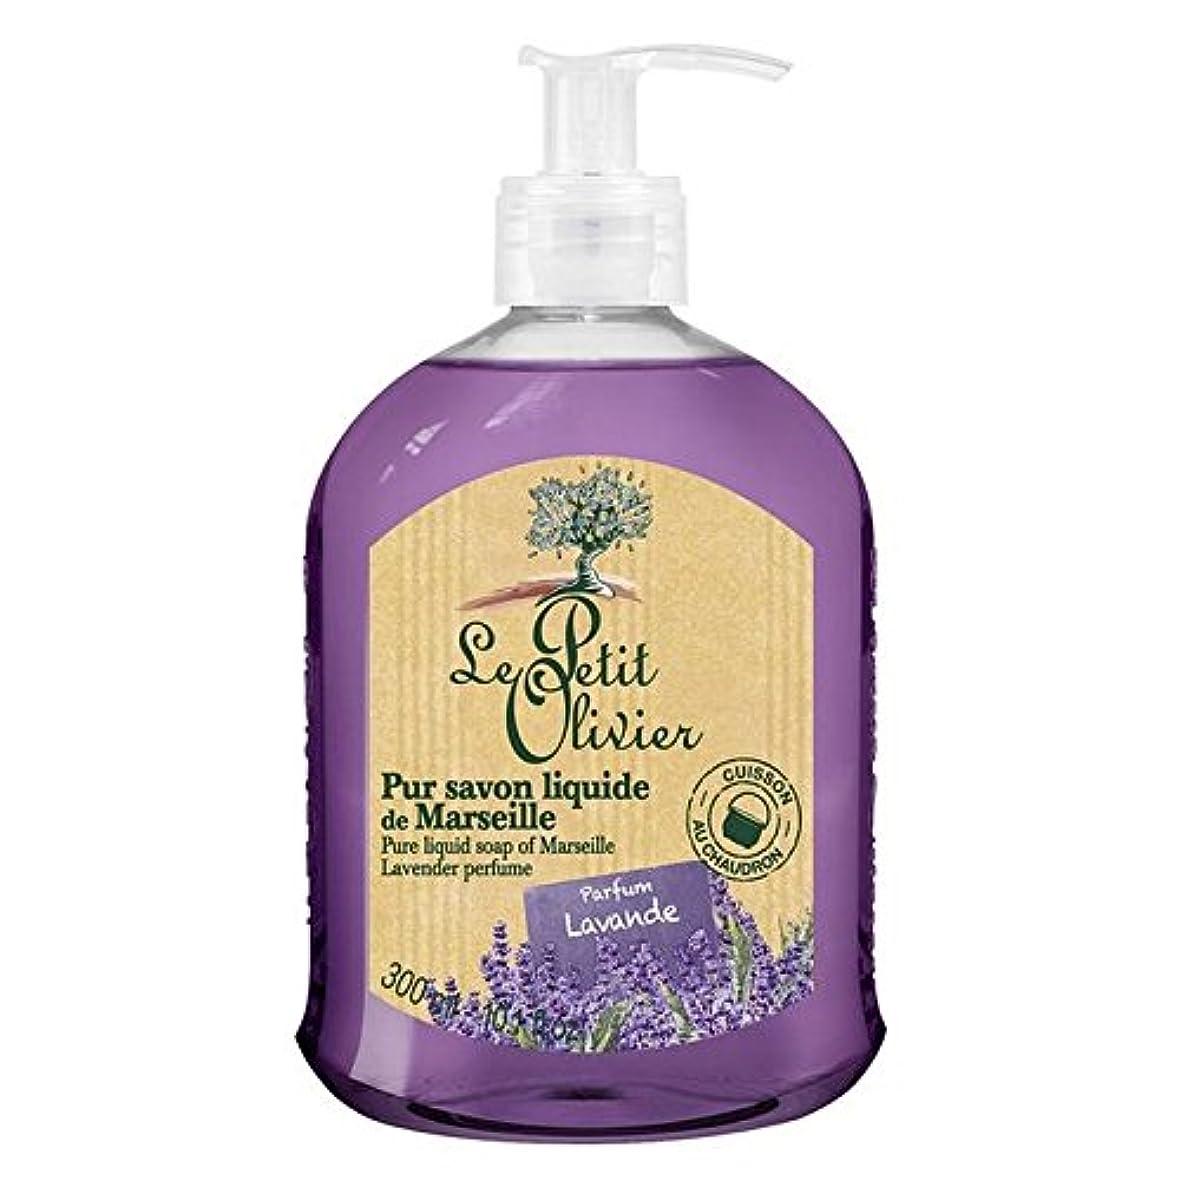 里親事故母マルセイユのル?プティ?オリヴィエ純粋な液体石鹸、ラベンダー300ミリリットル x4 - Le Petit Olivier Pure Liquid Soap of Marseille, Lavender 300ml (Pack of 4) [並行輸入品]